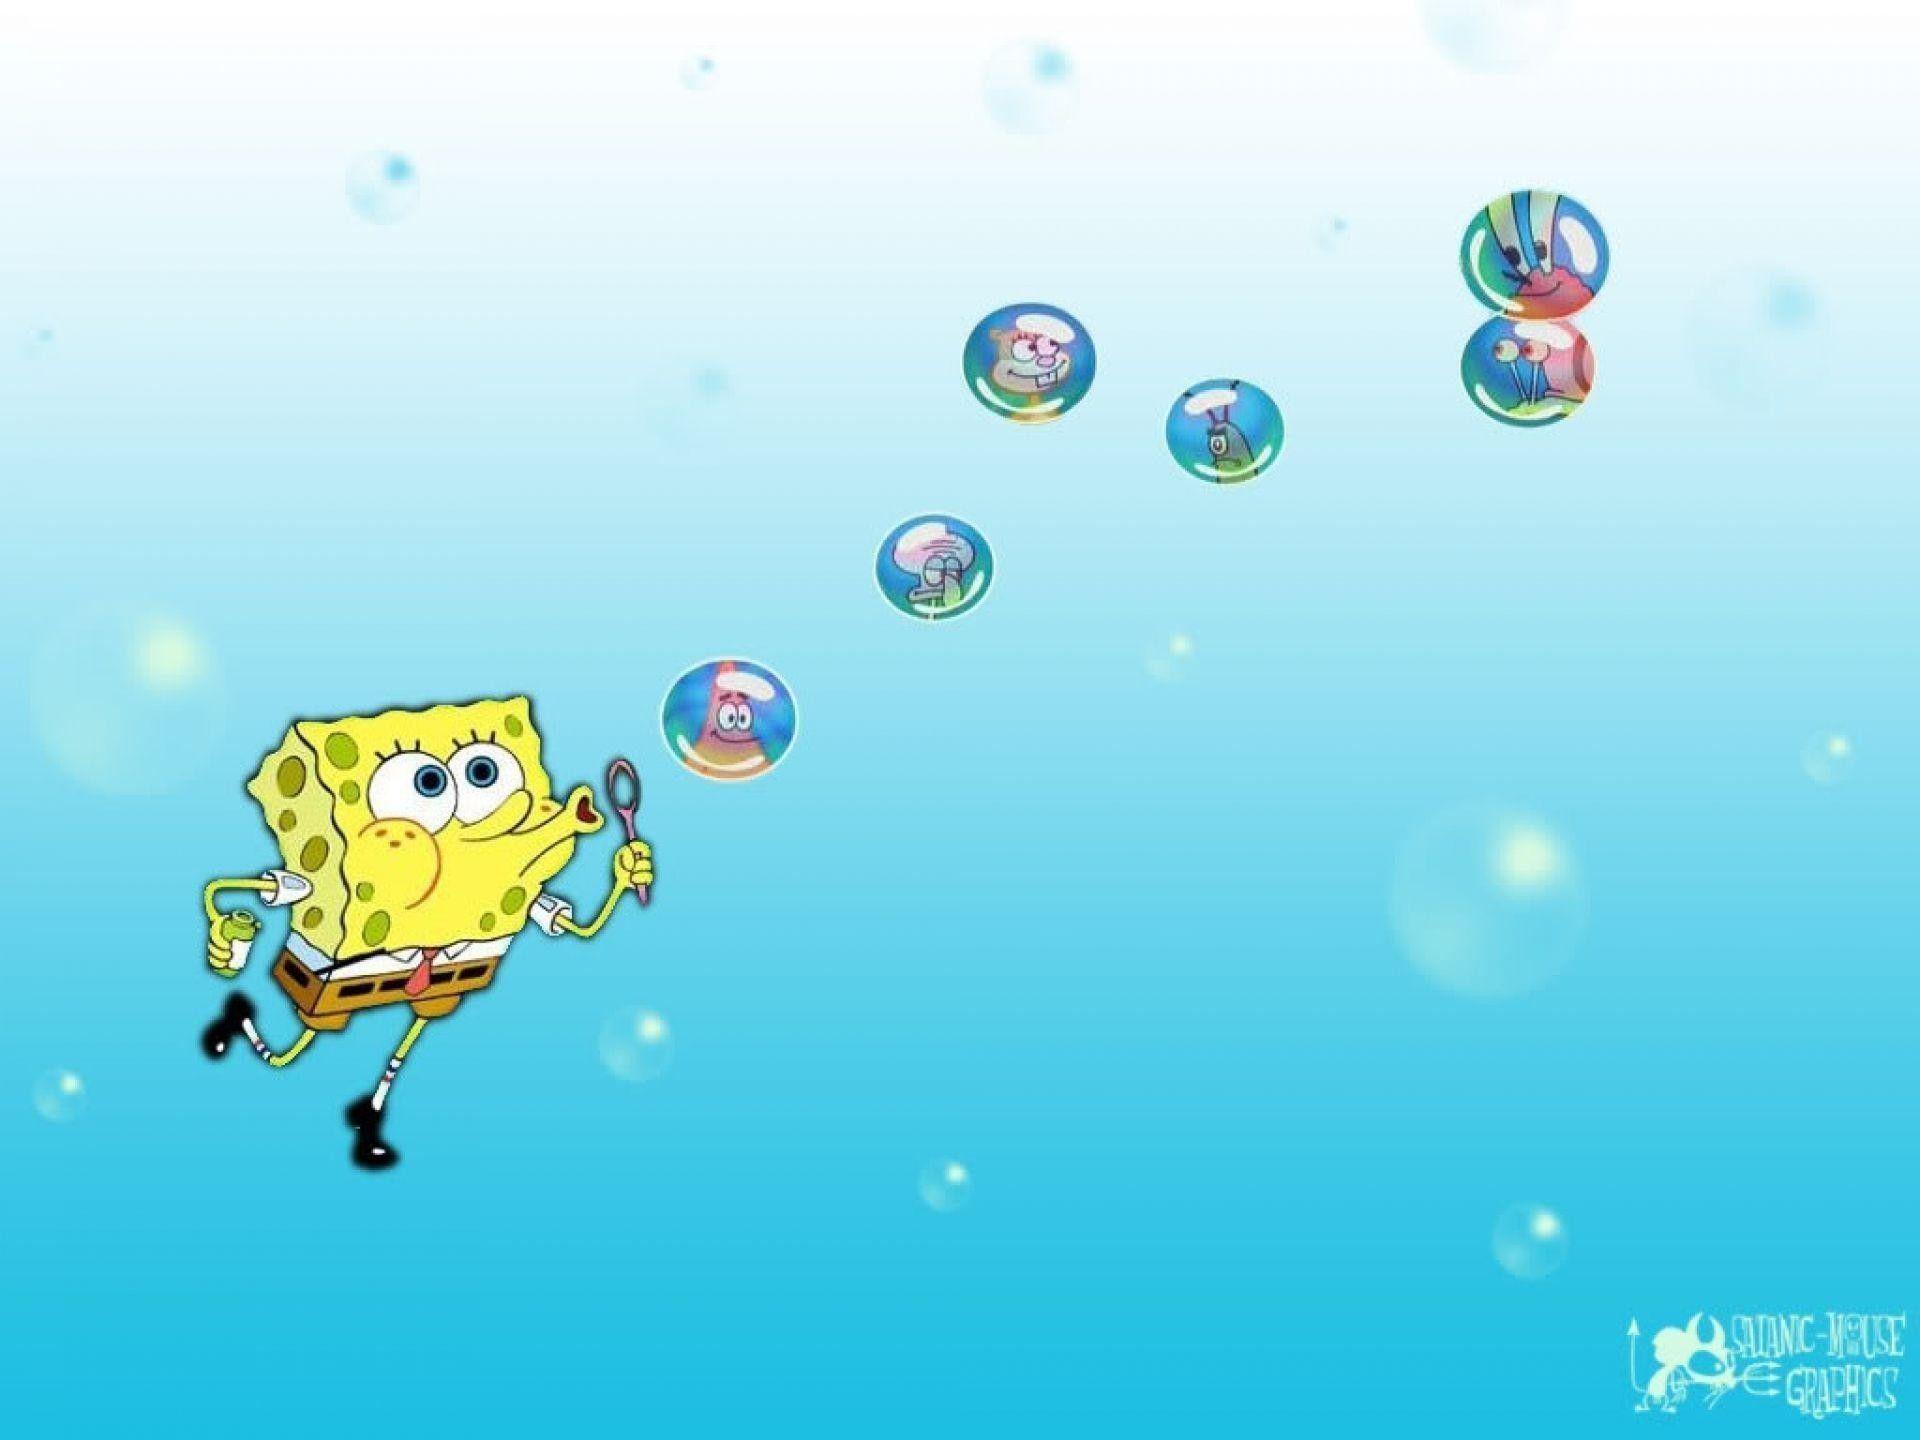 Aesthetic Spongebob Desktop Wallpapers Top Free Aesthetic Spongebob Desktop Backgrounds Wallpaperaccess